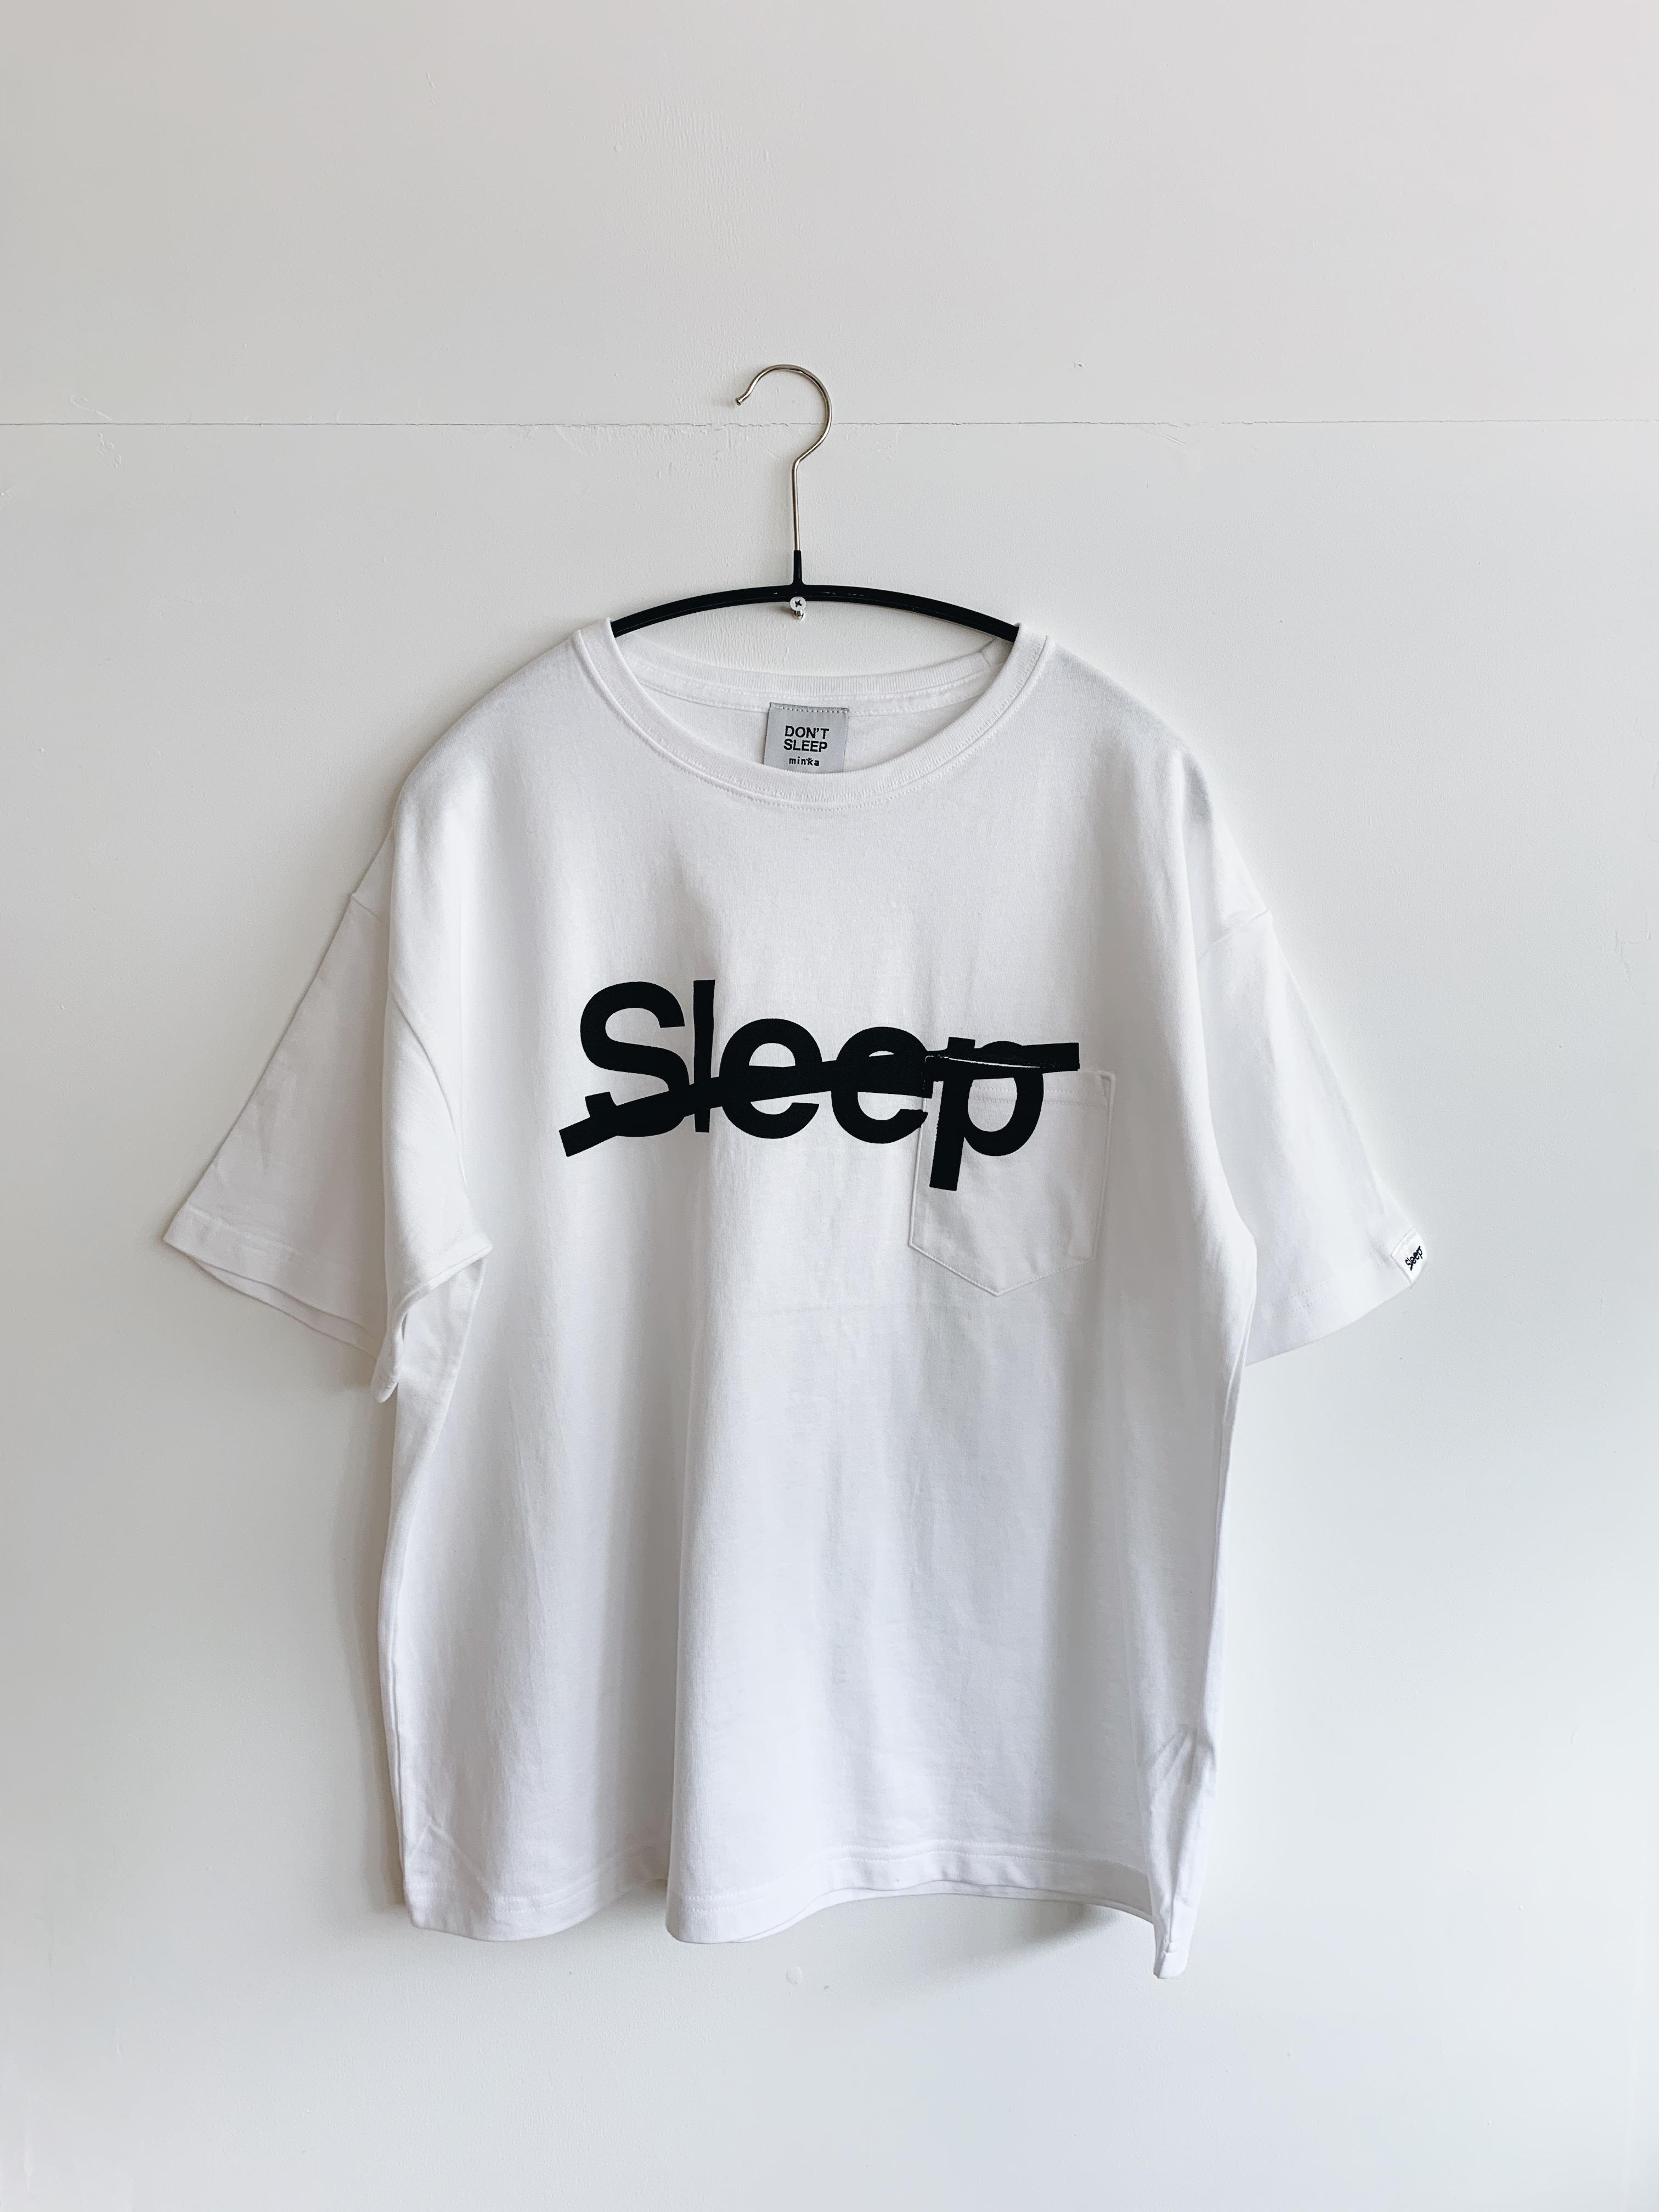 【DON'T SLEEP(ドントスリープ)】 ショートスリーブ オーバーサイズ ポケットTシャツ SLEEP SLASH